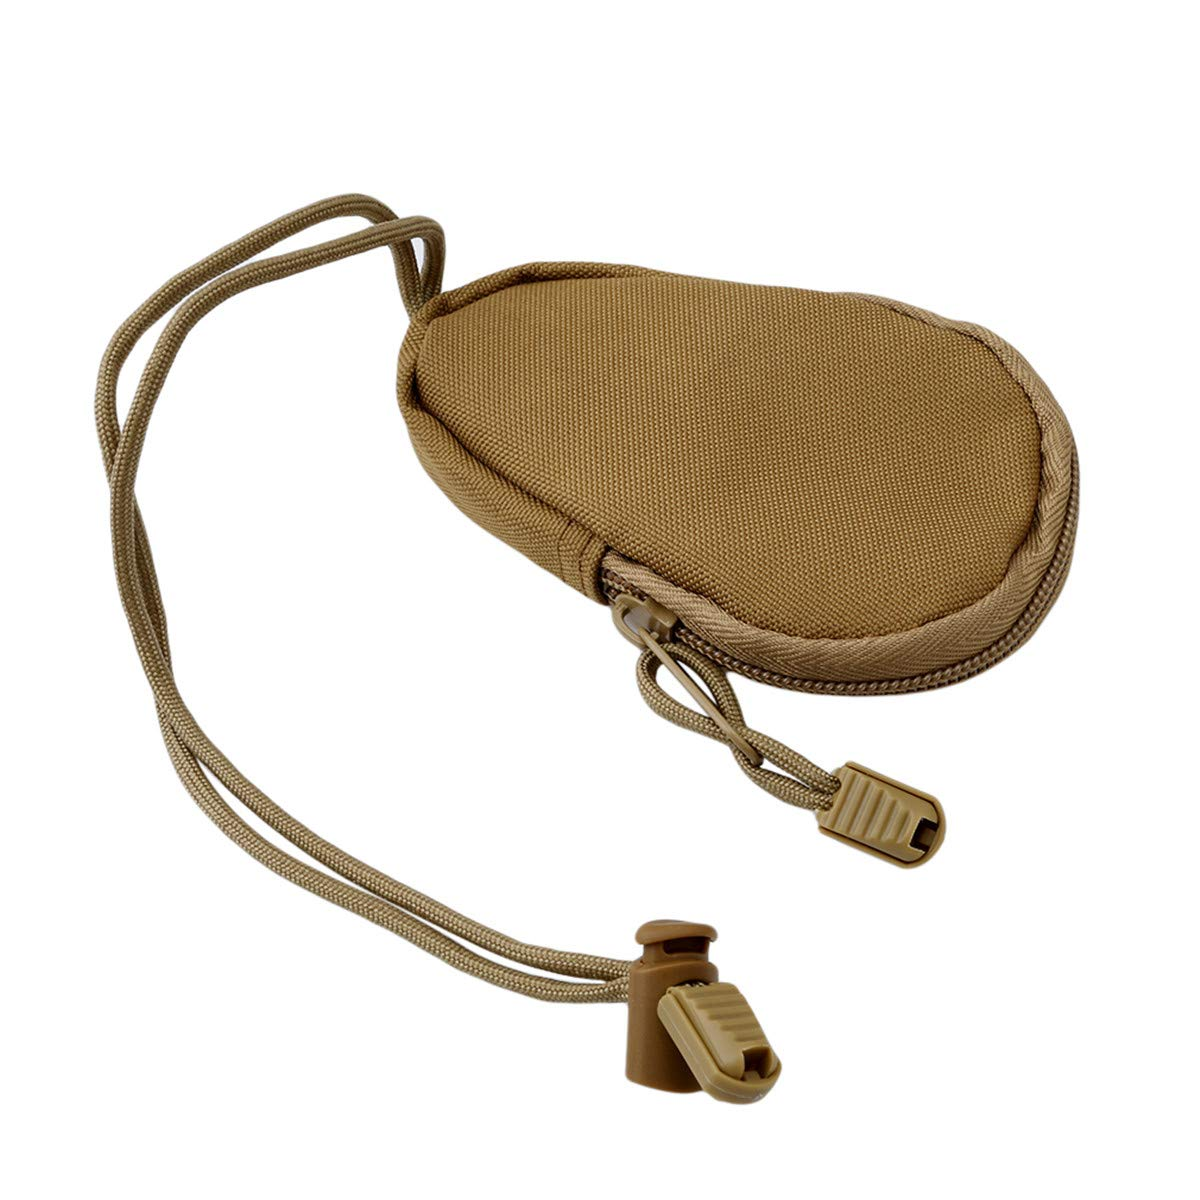 Winwinfly imperméable à l'eau Porte-clé Tactique pièces Poche Porte-clés Porte-Sac Sac